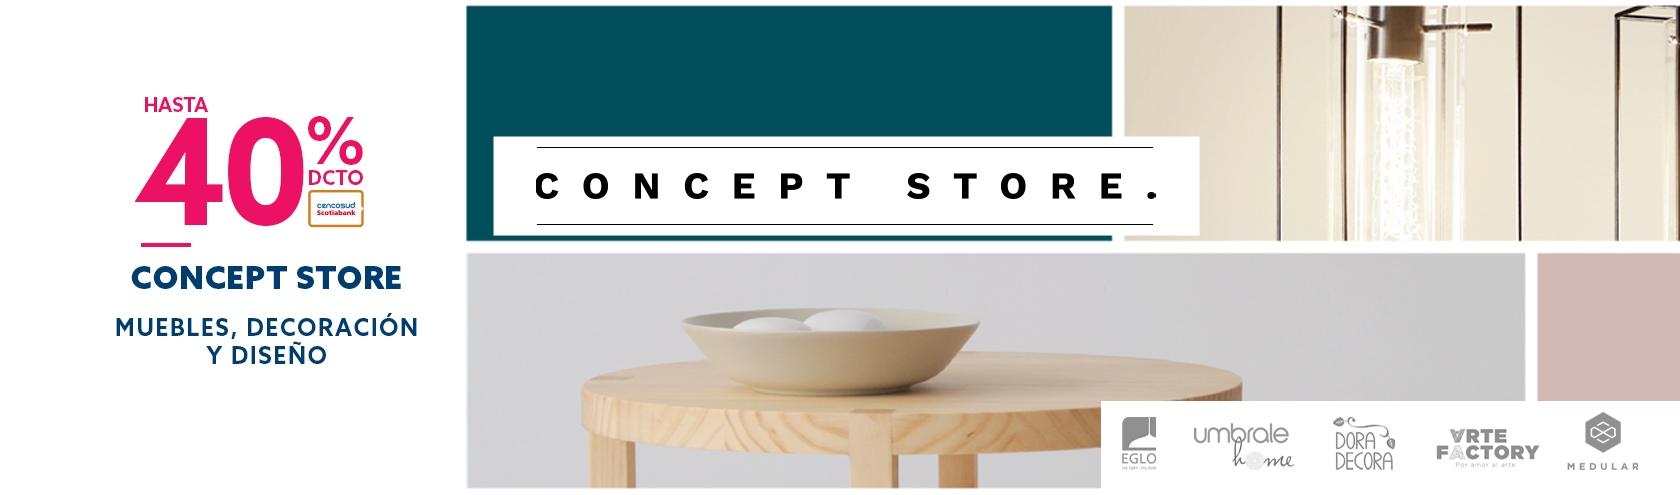 Hasta 40% de descuento con tarjeta cencosud en concept store muebles decoracion y diseño